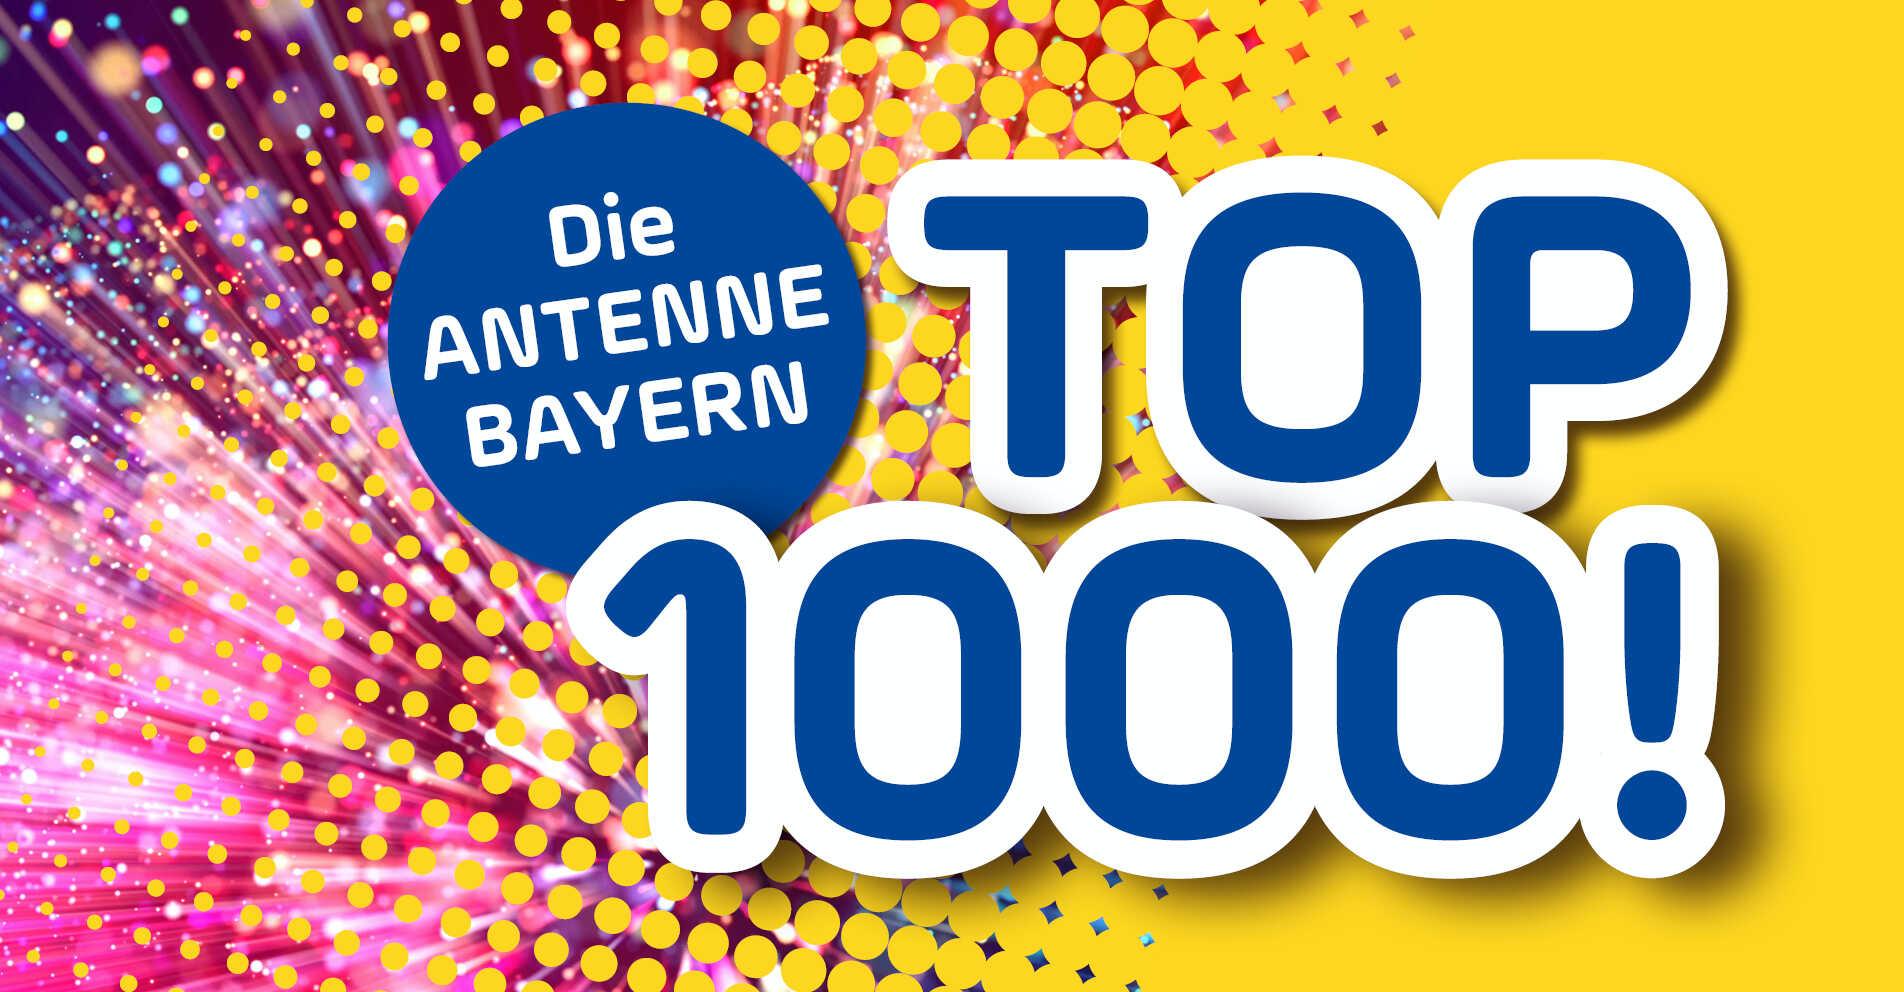 ANTENNE BAYERN TOP 1000 zu Pfingsten